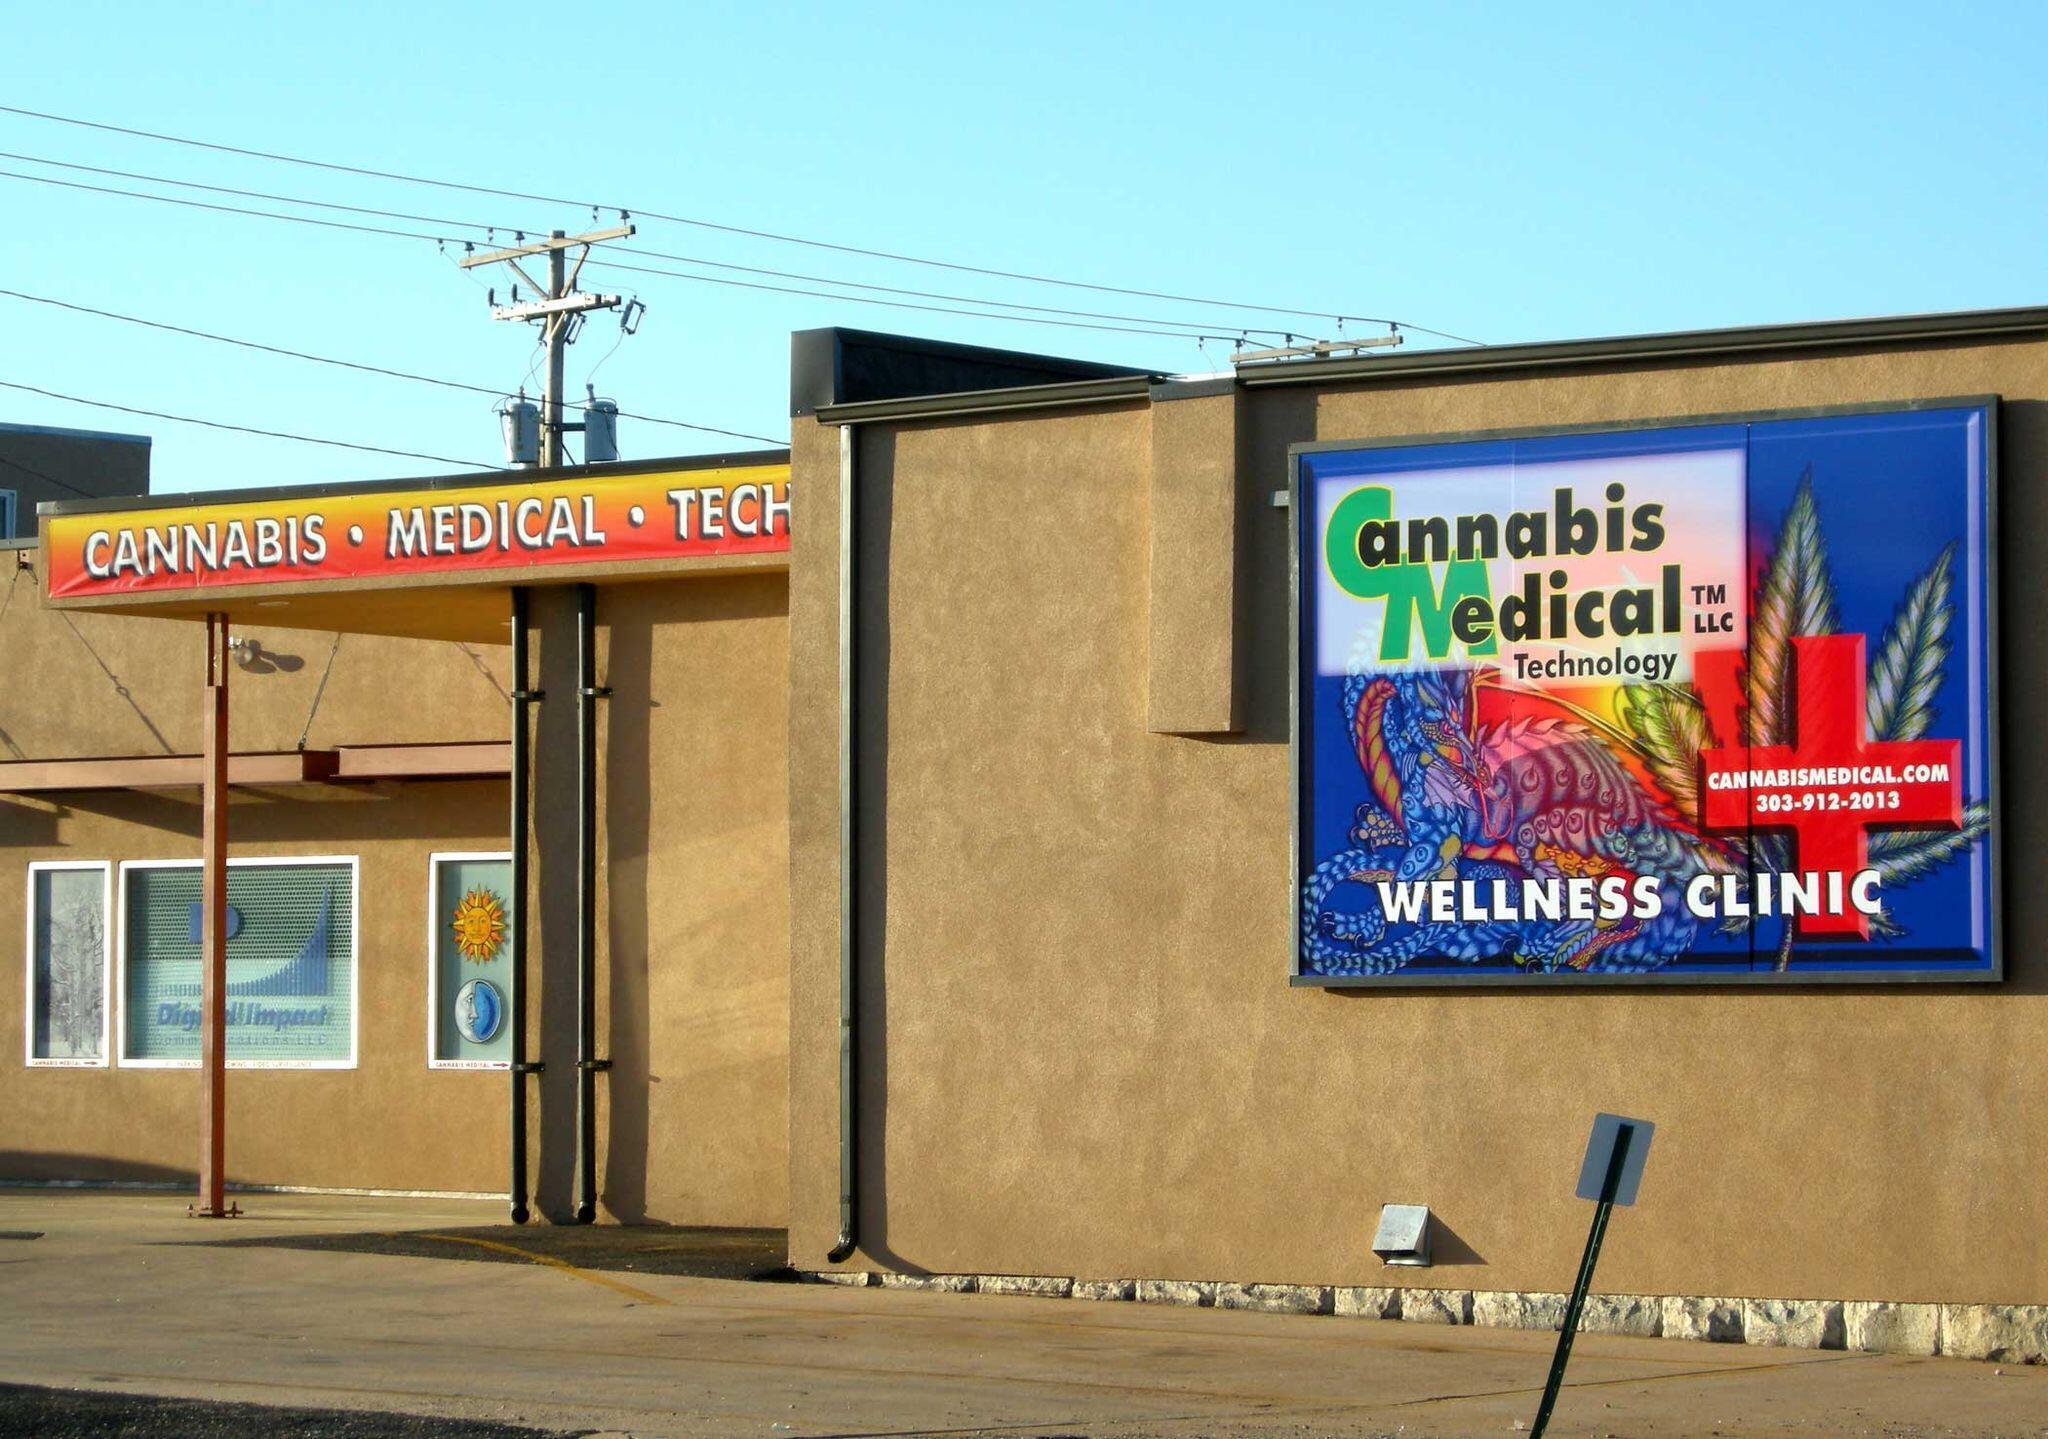 Tại bang Colorado, việc sử dụng cần sa cho trị liệu được cho phép vào năm 2000, việc tiêu thụ giải trí được hợp pháp hóa từ tháng 11/2013.